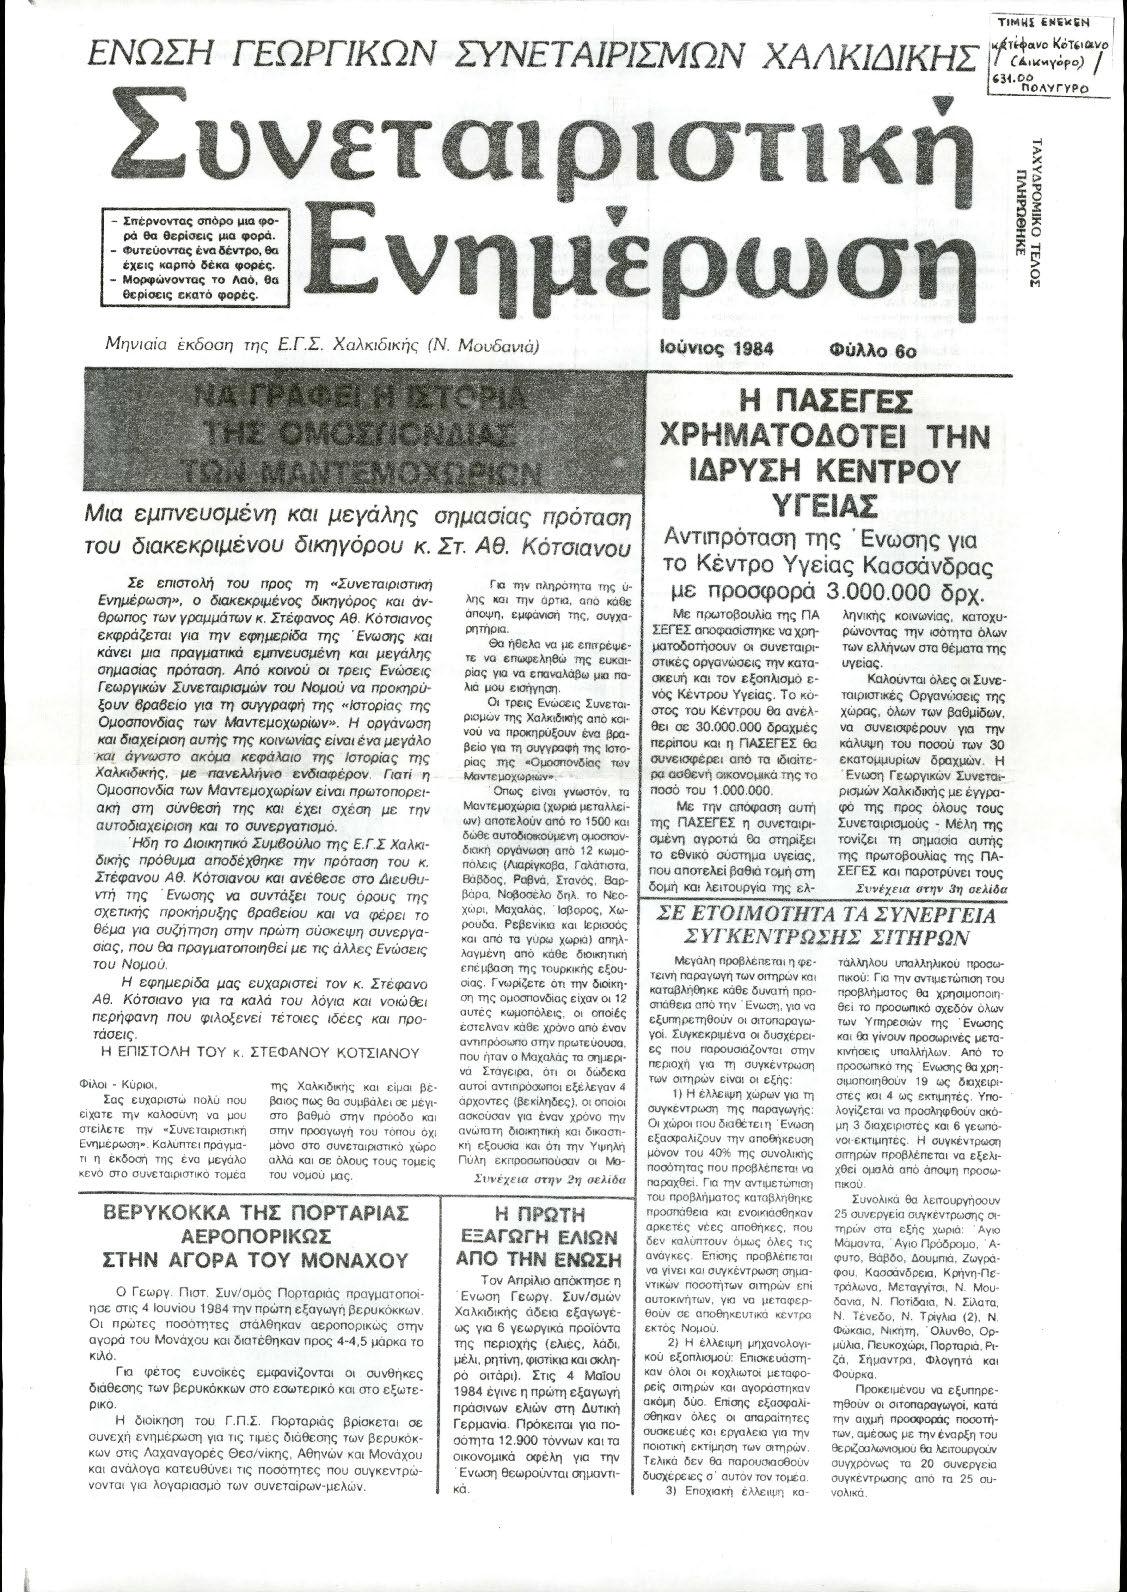 Αποκόμματα Εφημερίδων Διάφορα Νο 86